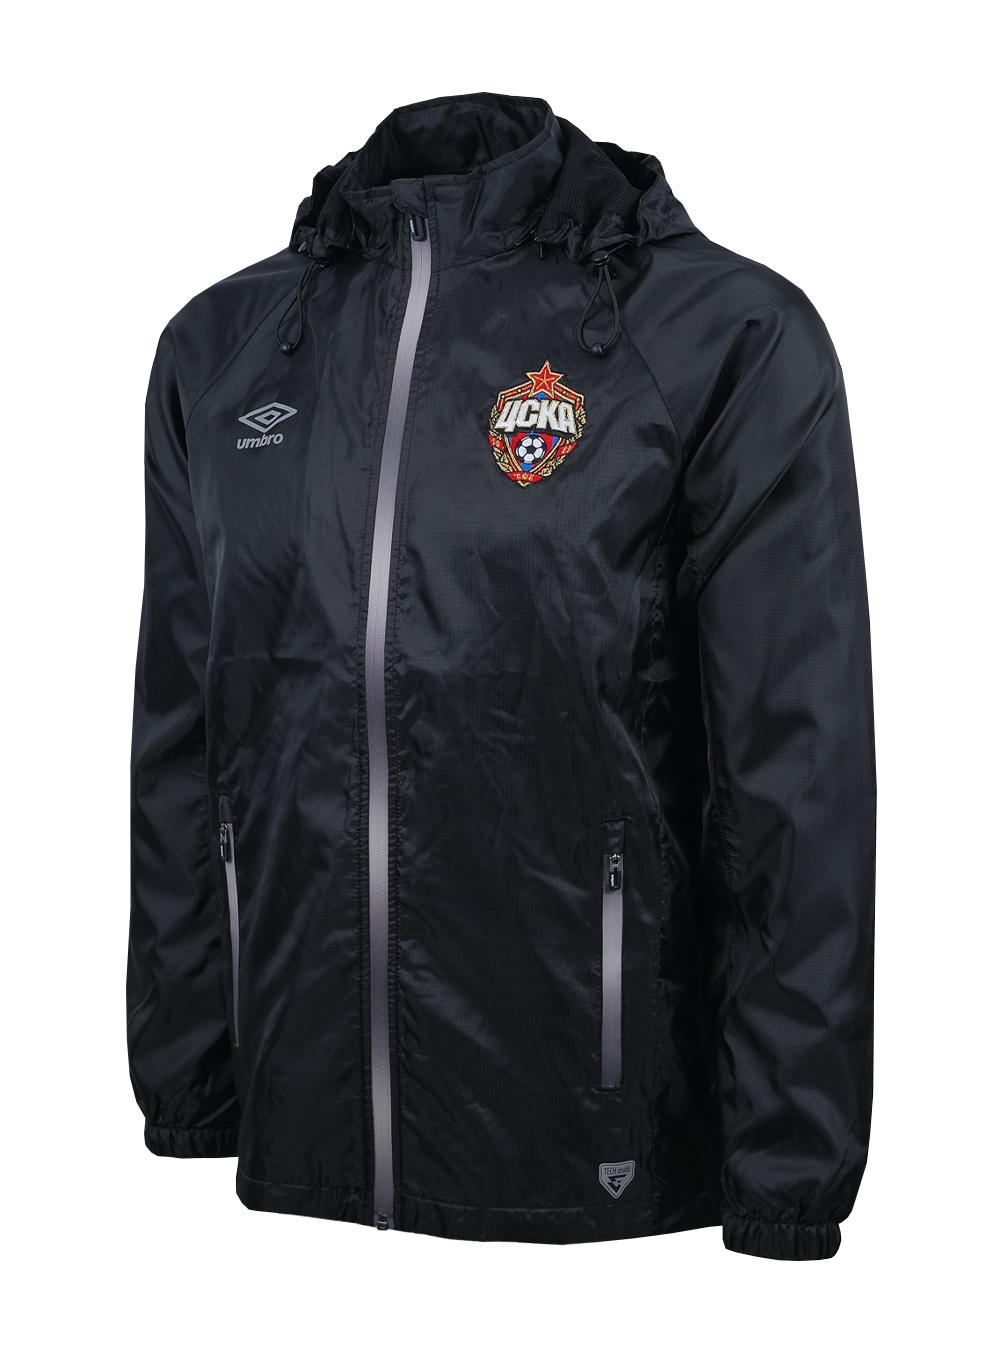 Купить Костюм ветрозащитный (куртка), черный/серебро (S) по Нижнему Новгороду